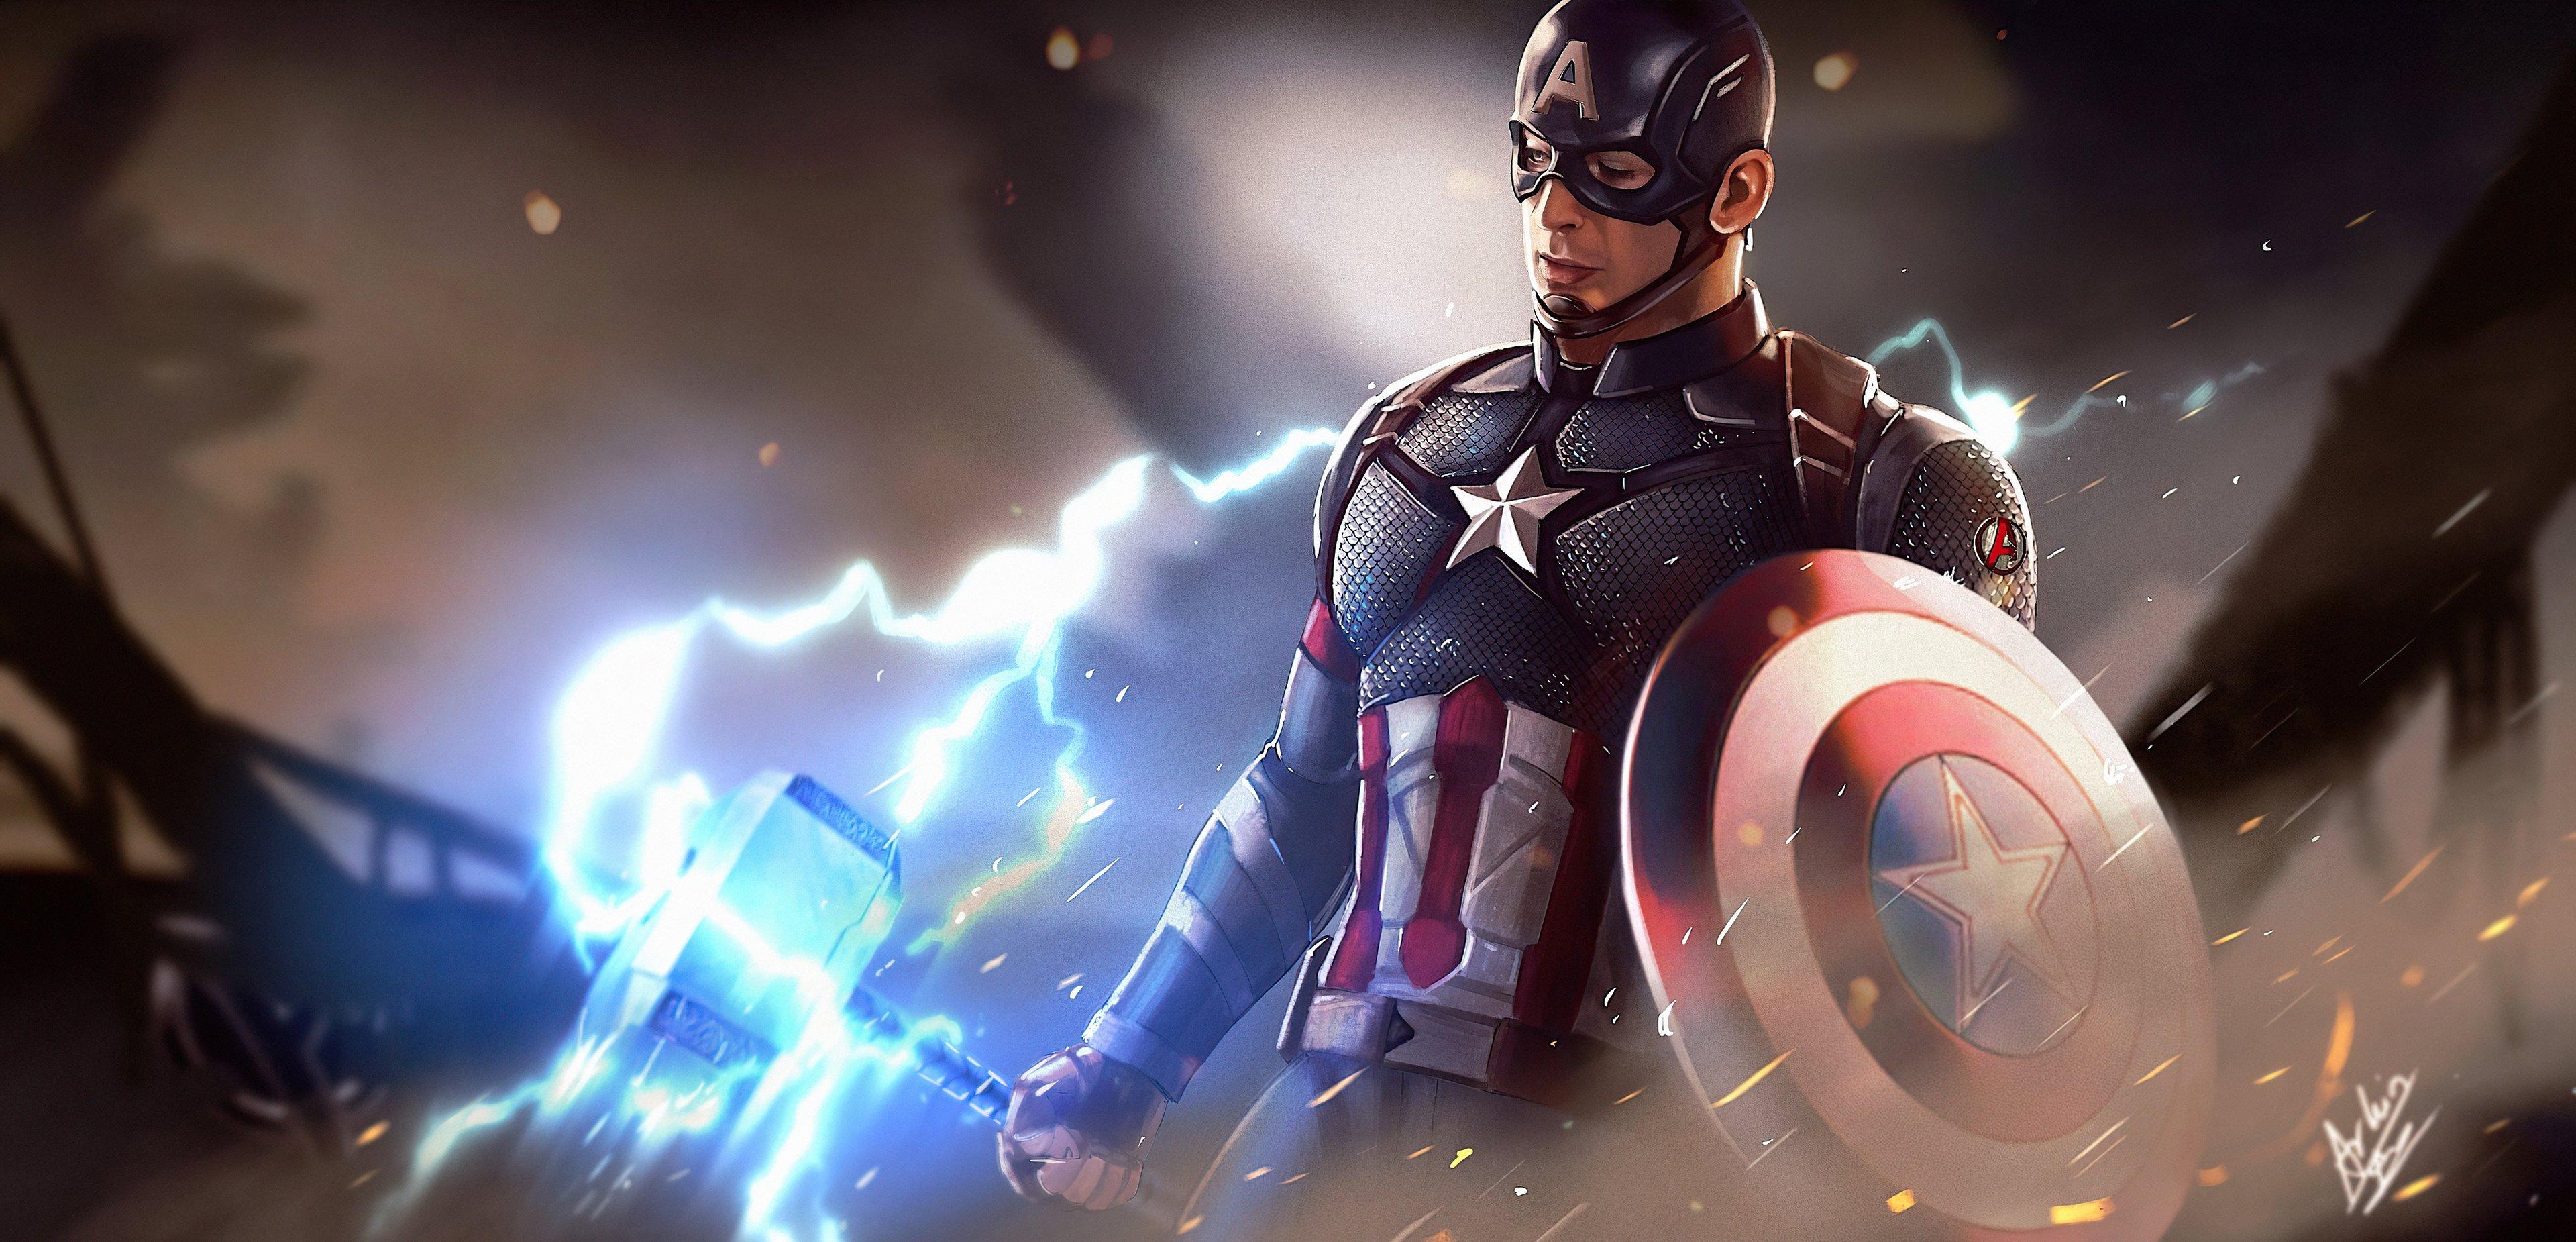 Fondos de pantalla Capitán America con martillo de Thor Fanart